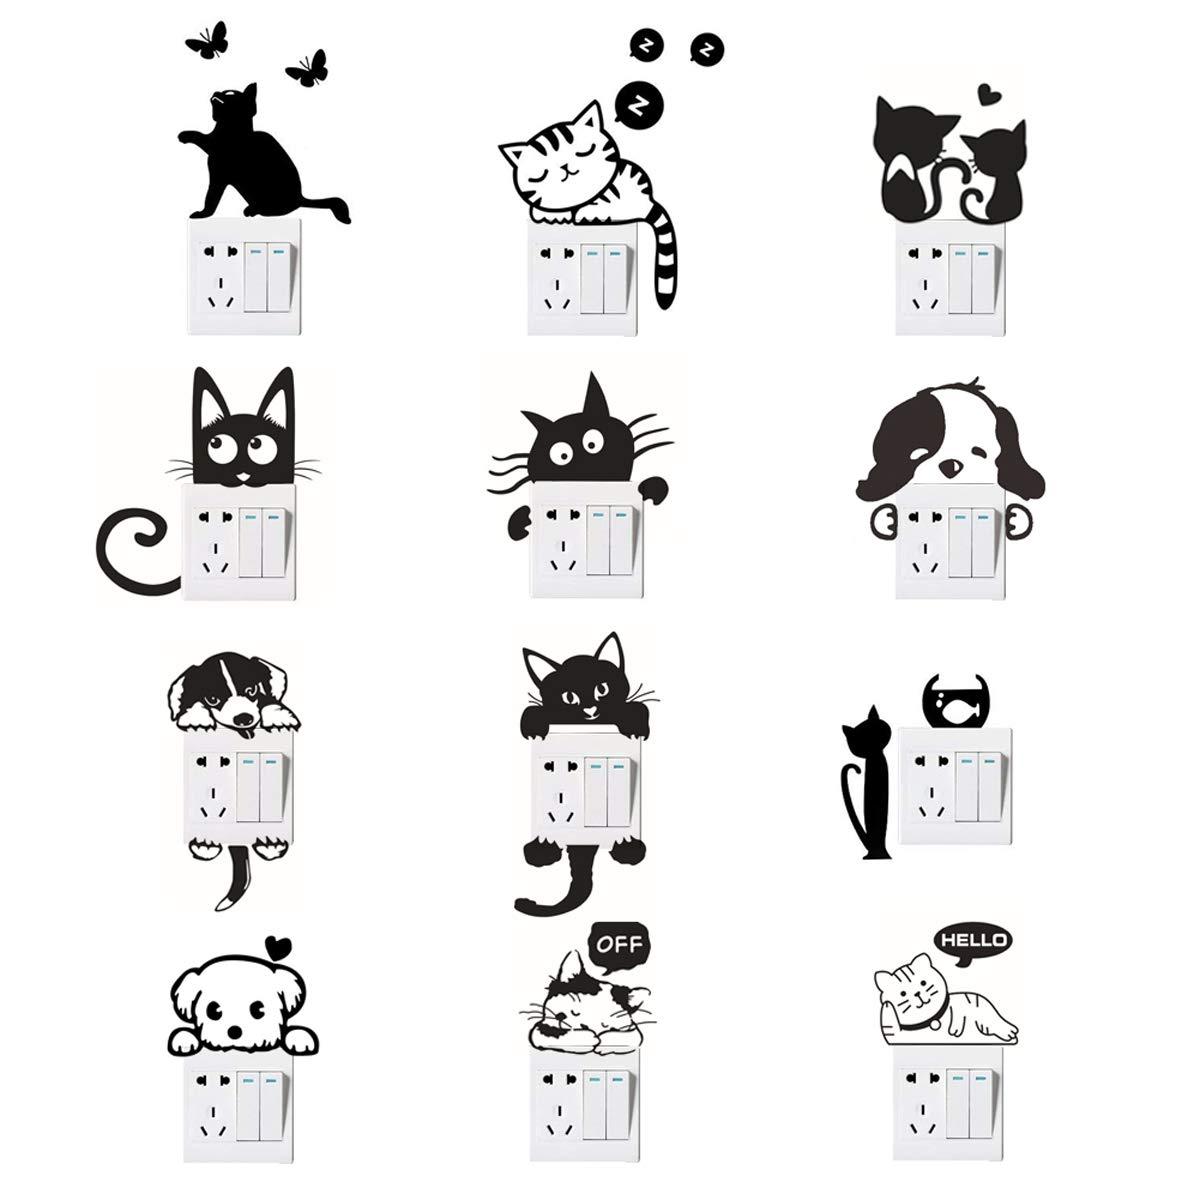 Etiquetas engomadas del interruptor de la pared, etiquetas engomadas del interruptor de la luz del perro del gato Etiquetas engomadas animales divertidas de la pared para la sala de estar del dormitorio negro 12 PC EQLEF